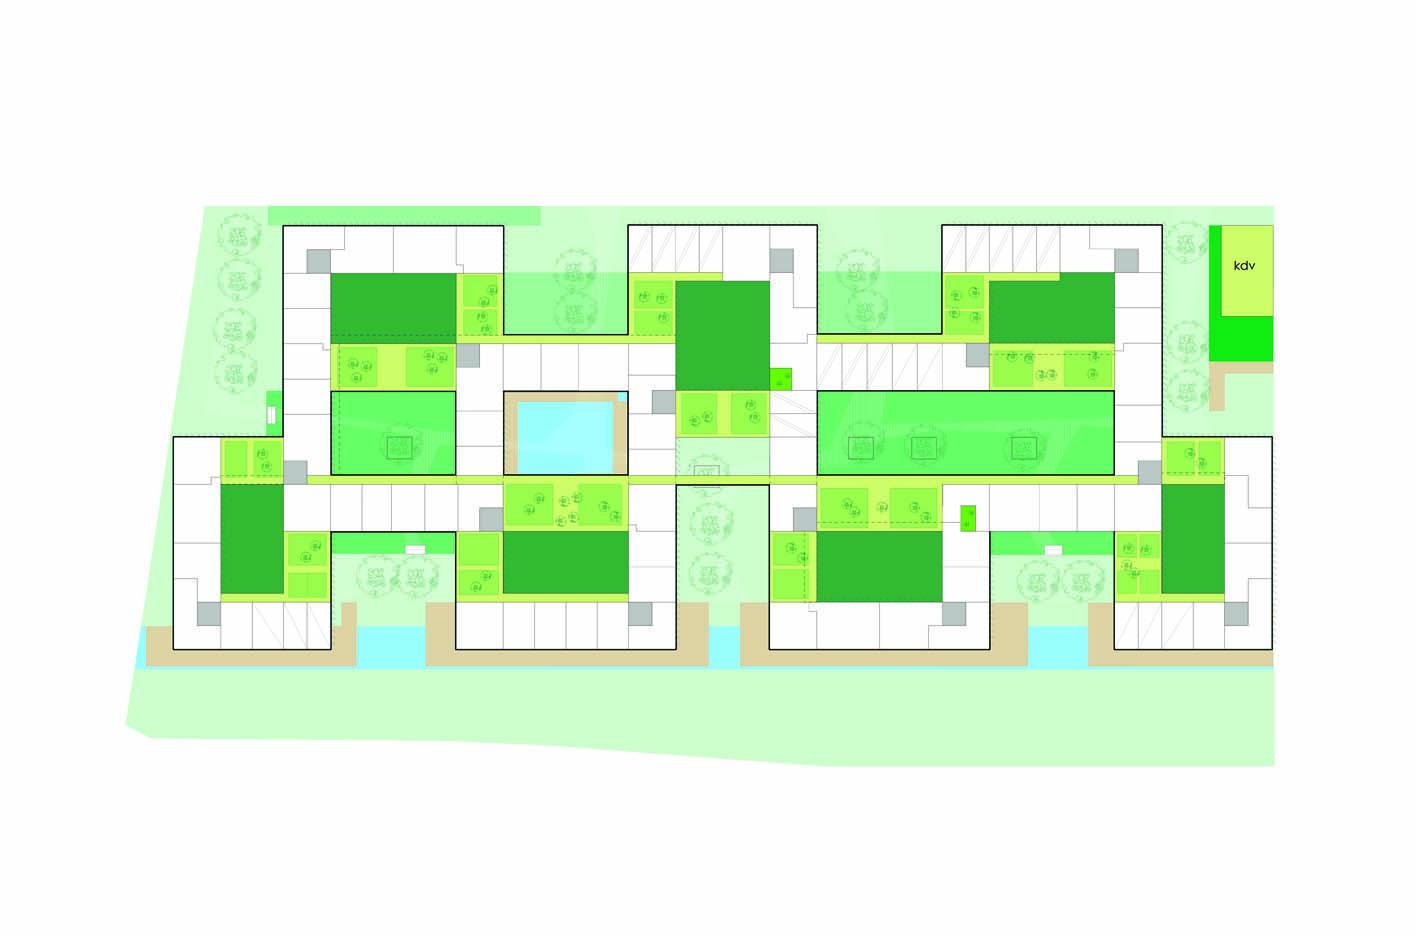 Lelylaan atelier PUUUR cultureel geinspireerd wonen woningbouw stedenbouwkundig plan 4&5 BNA Jonge Architecten Prijsvraag